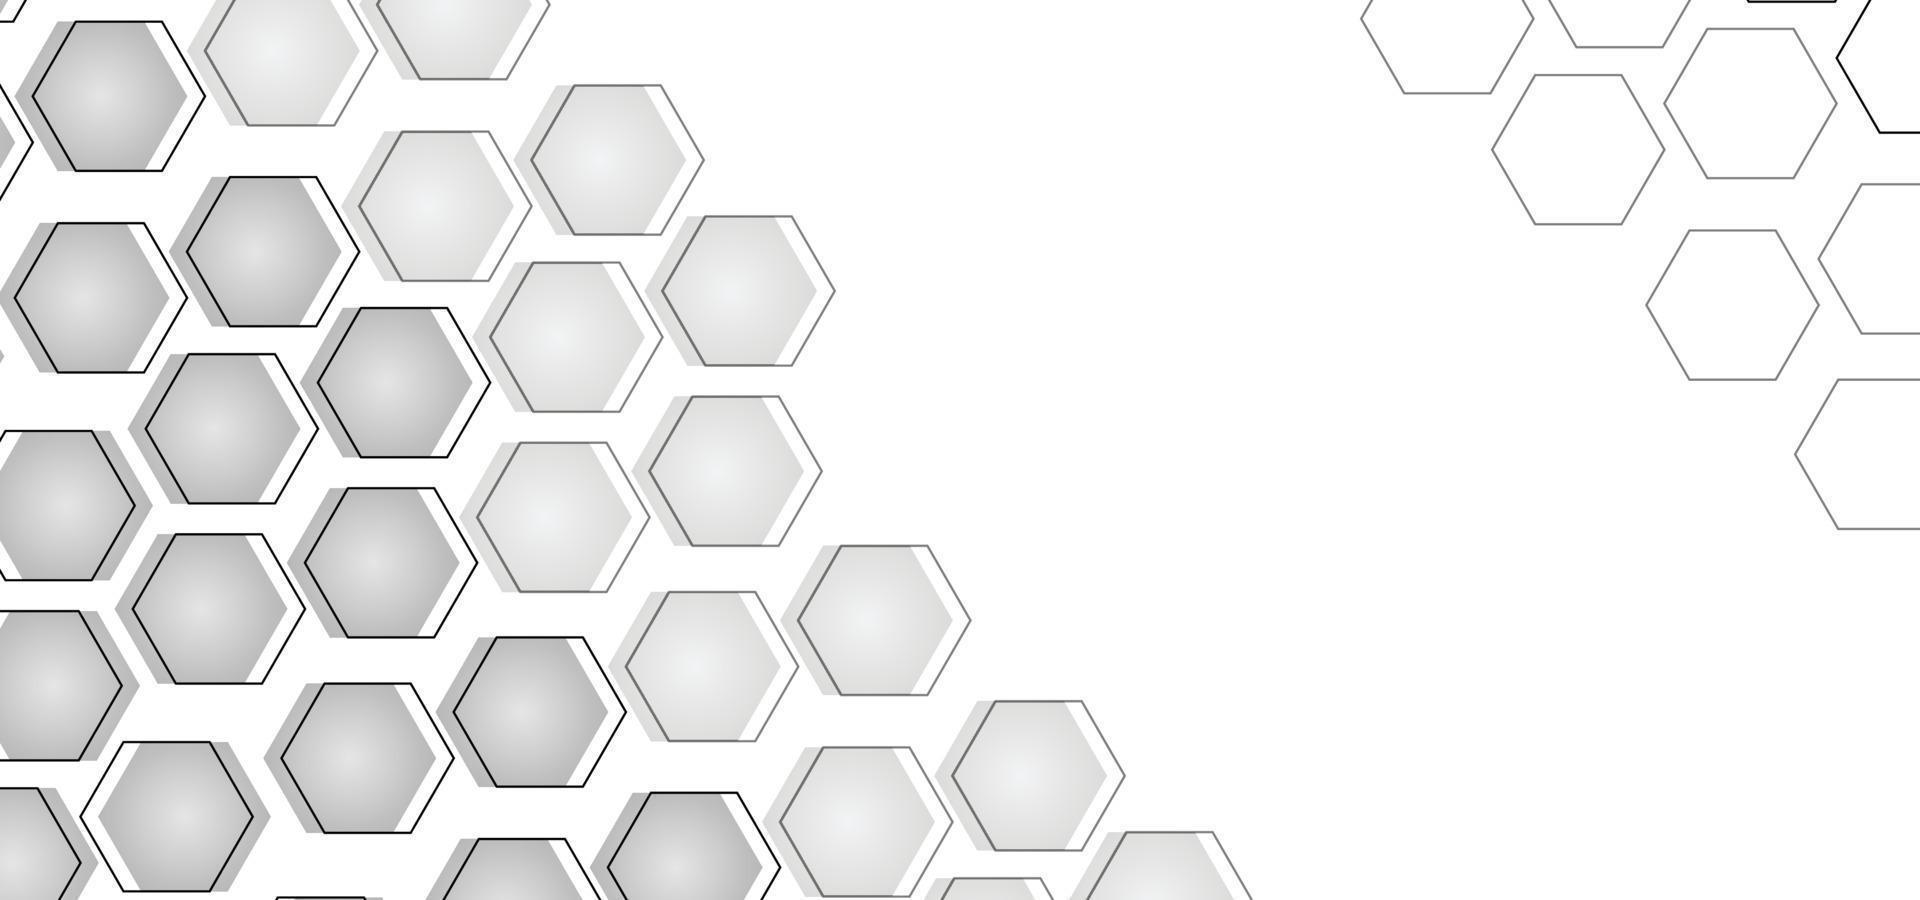 geometrische Formen einfacher schöner Hintergrund oder Fahne vektor